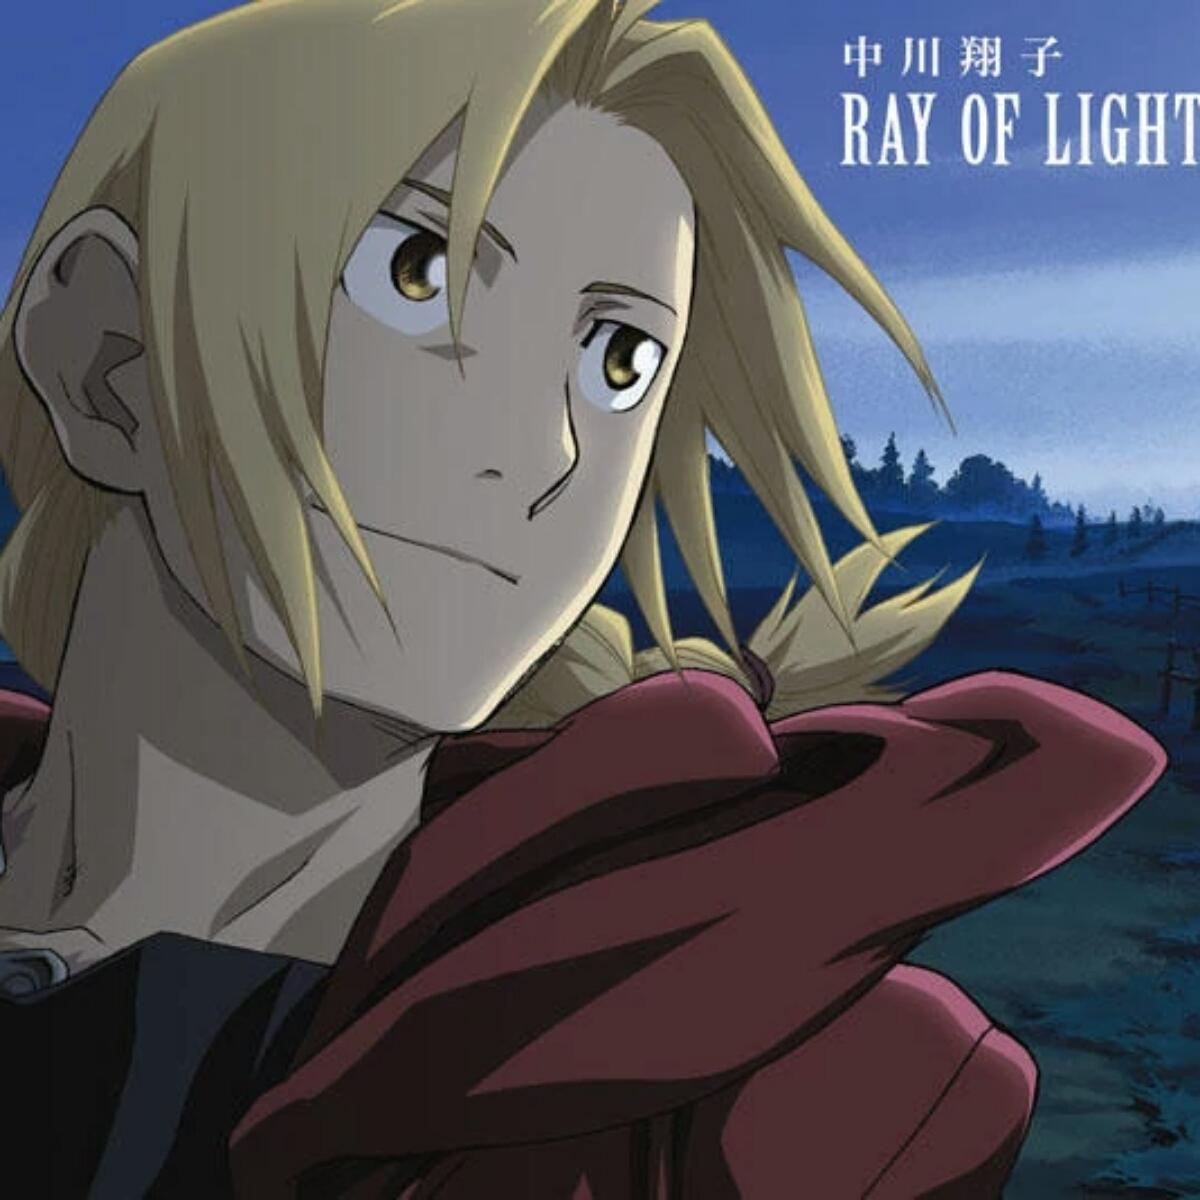 Nakagawa Shouko - RAY OF LIGHT